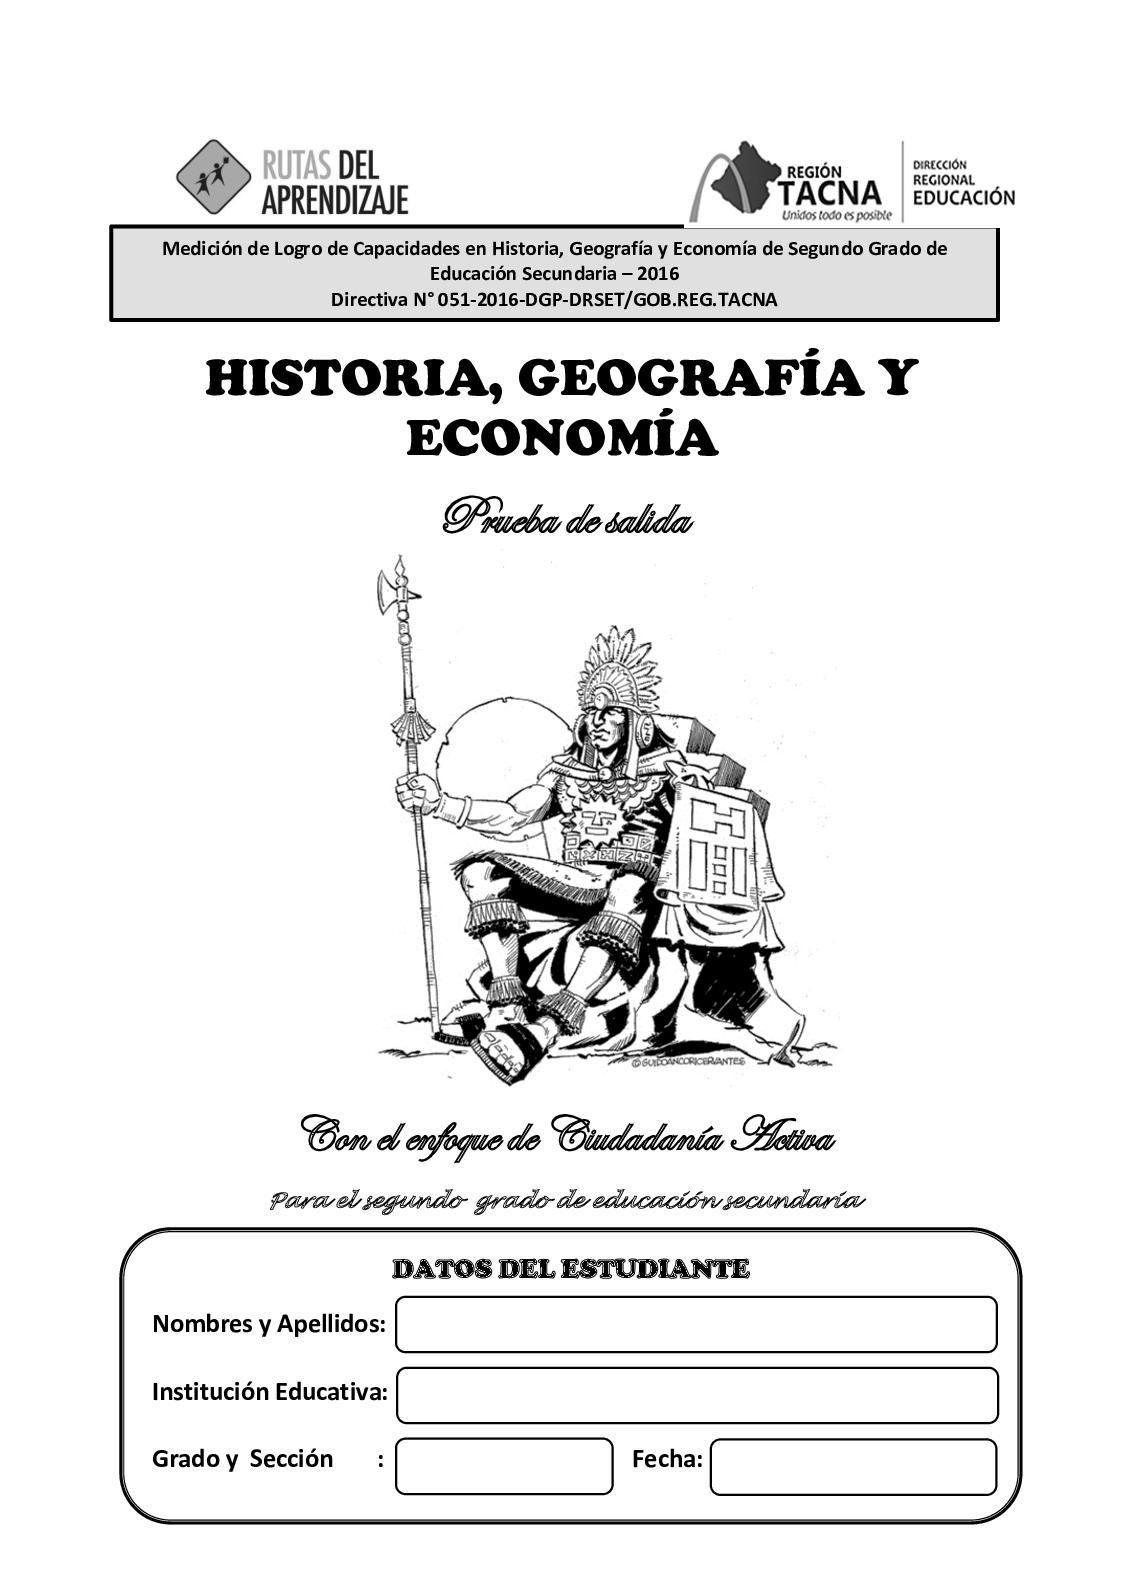 HISTORIA, GEOGRAFÍA Y ECONOMIA